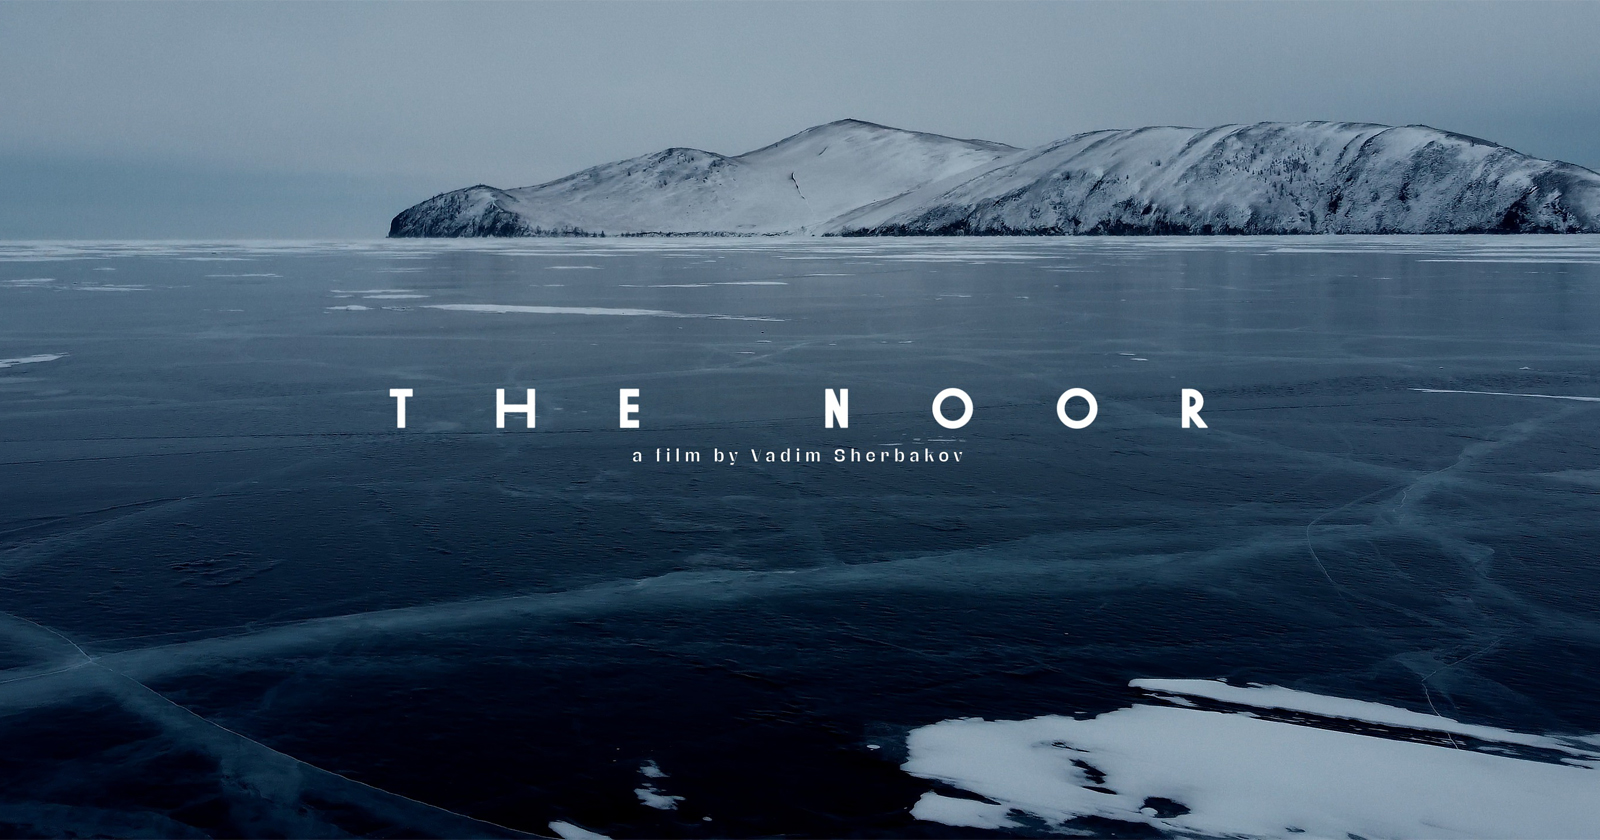 'The Noor' è un film aereo girato a temperature di -18 ° C sul DJI Mini 2